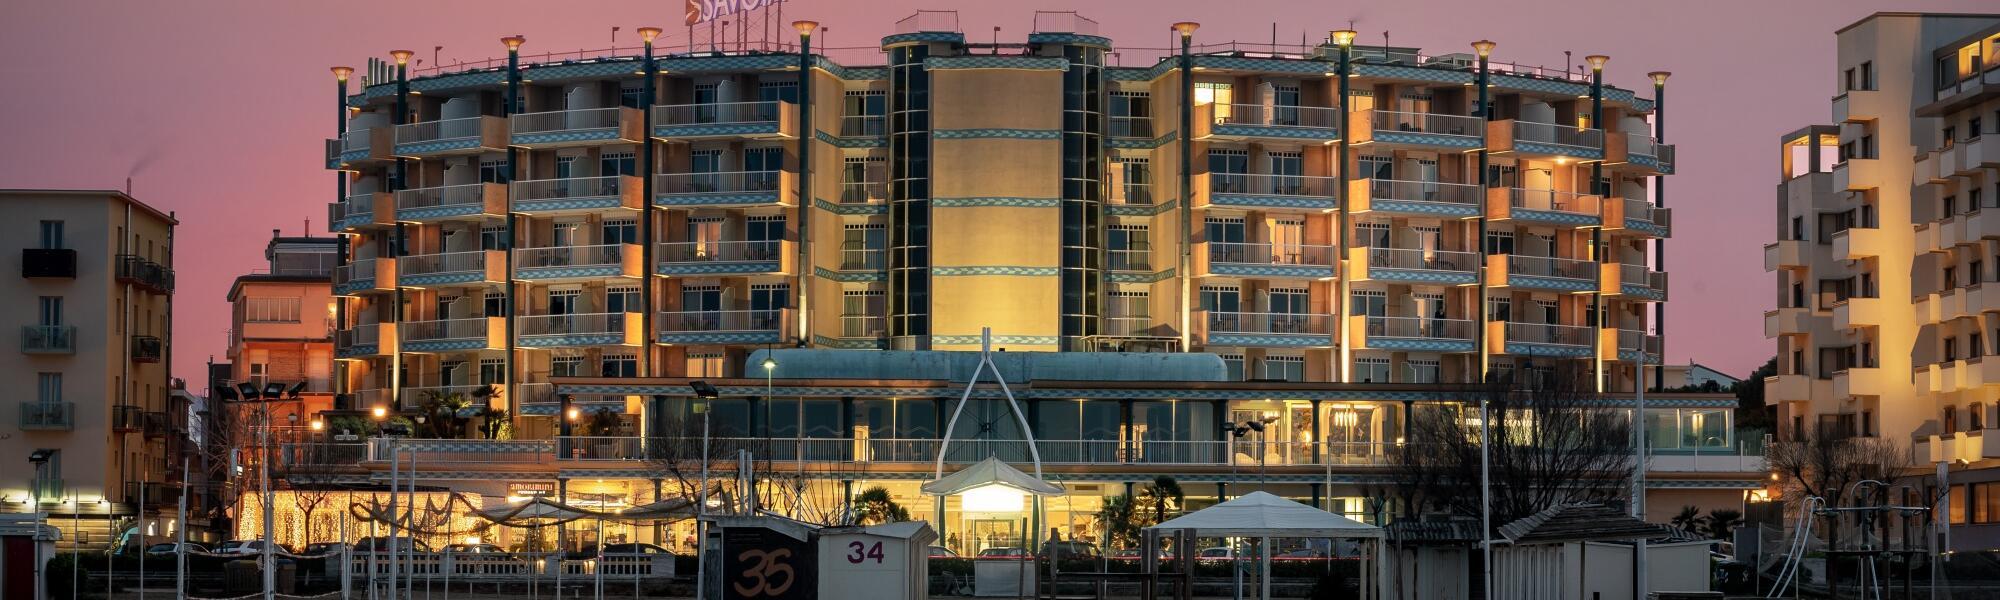 Все, что нужно знать, чтобы получить максимум удовольствия от пребывания в отеле Savoia